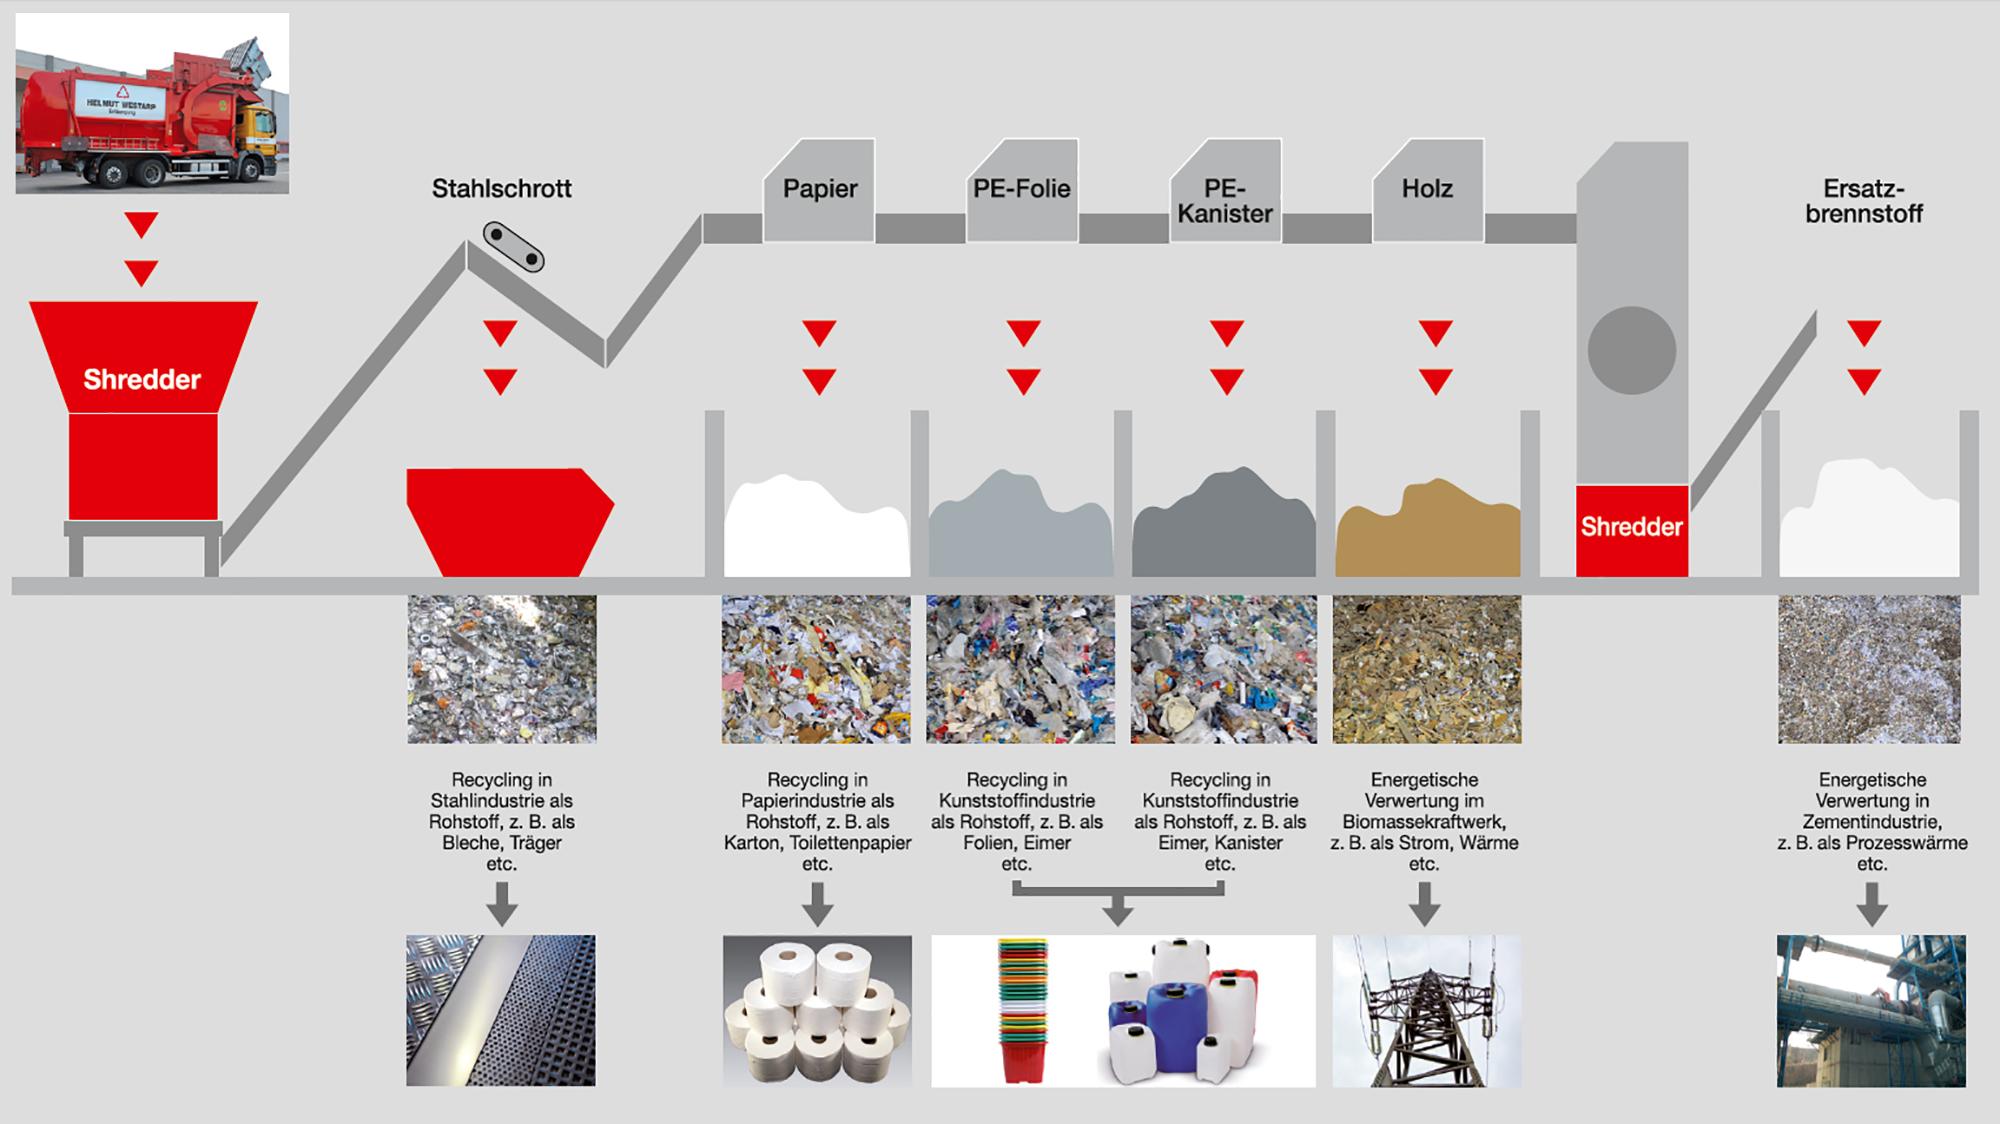 Grafik Ökosort - Wie funktioniert die Sortieranlage Ökosort